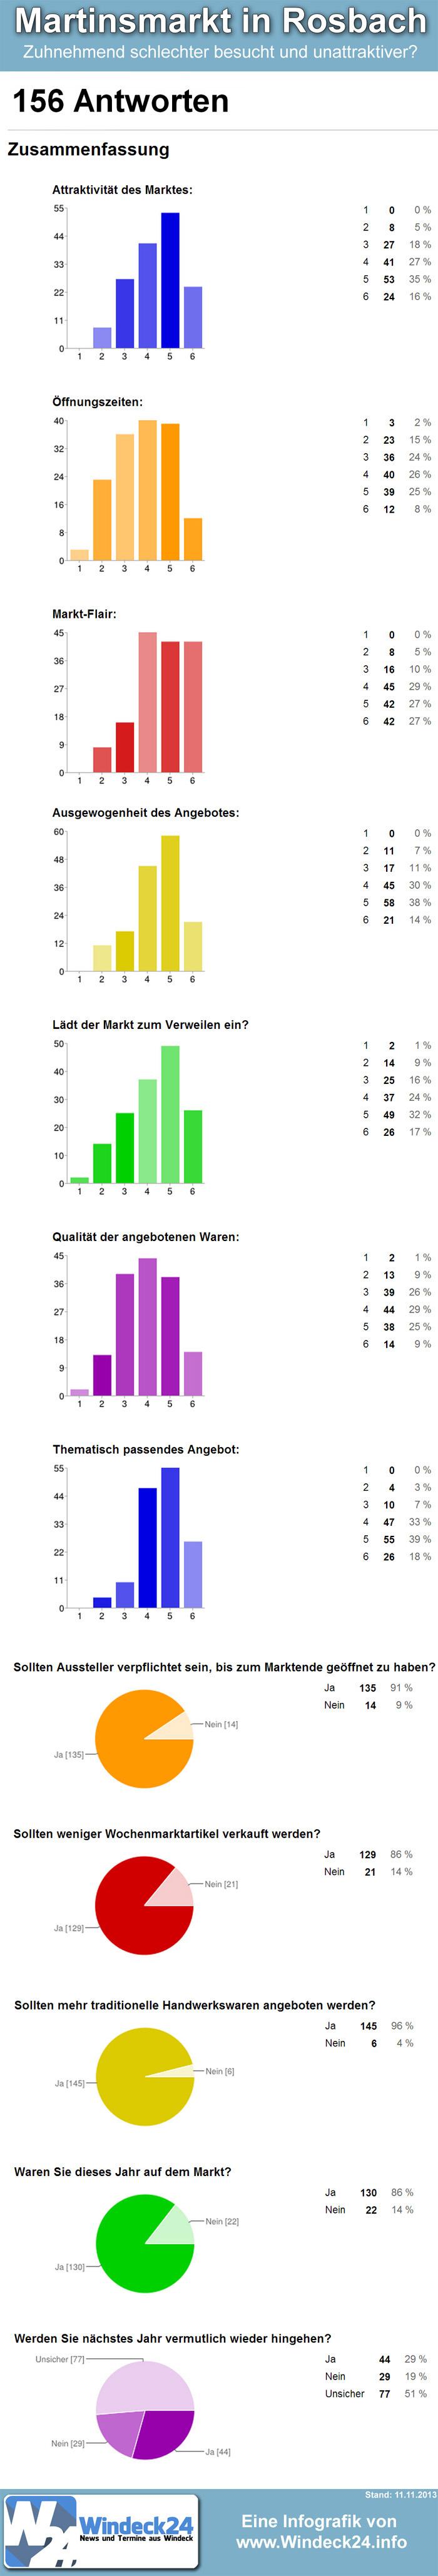 Umfrage bzgl. dem Martinsmarkt in Rosbach